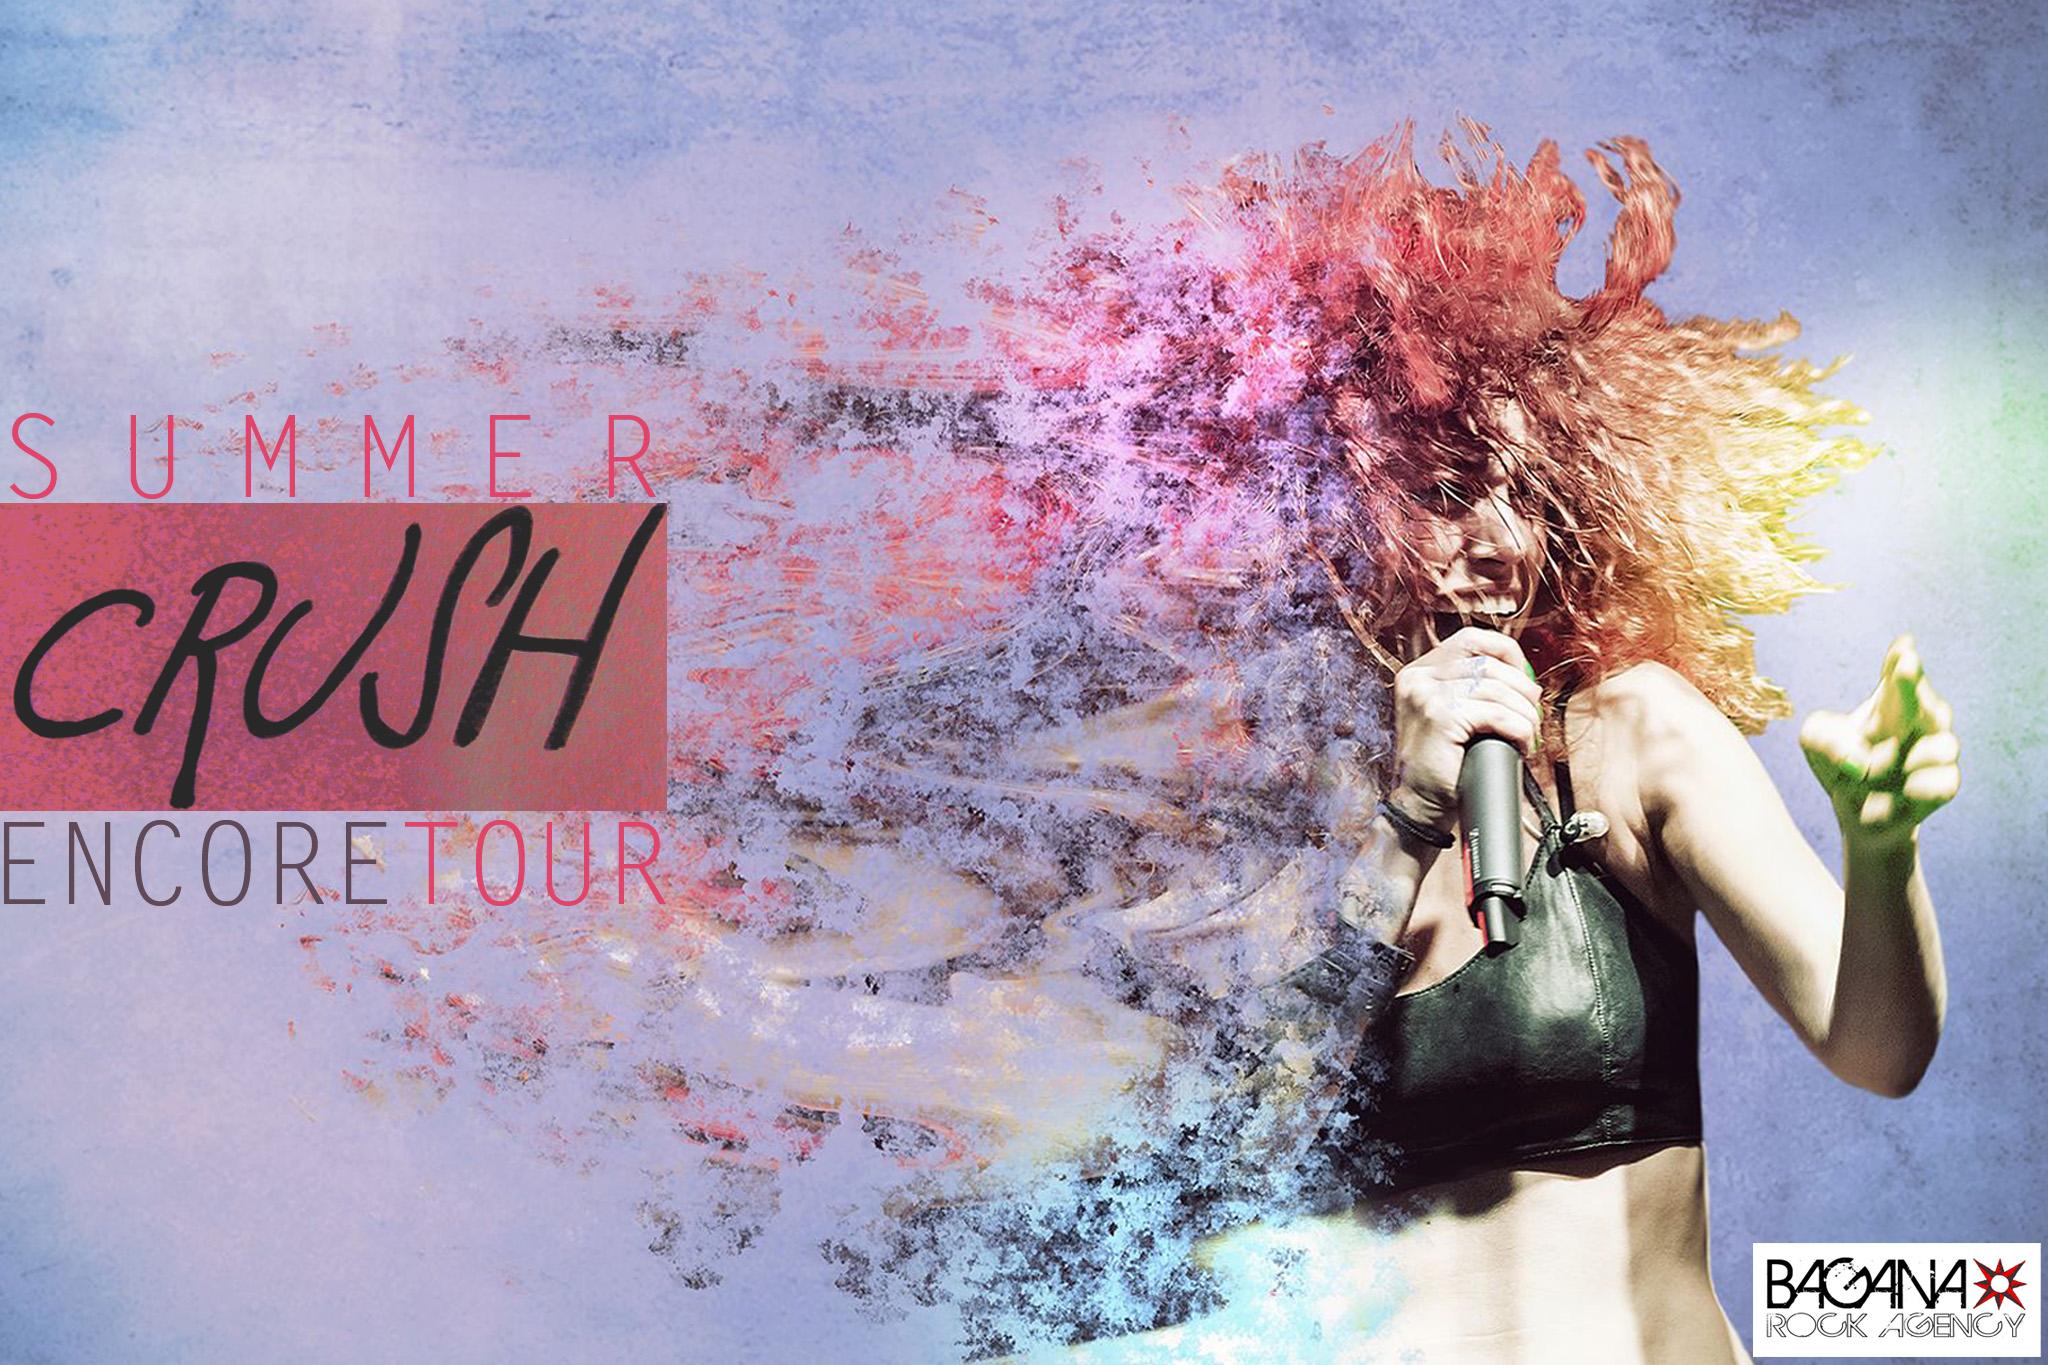 Alteria Summer Crush / Encore Tour / Estate 2015